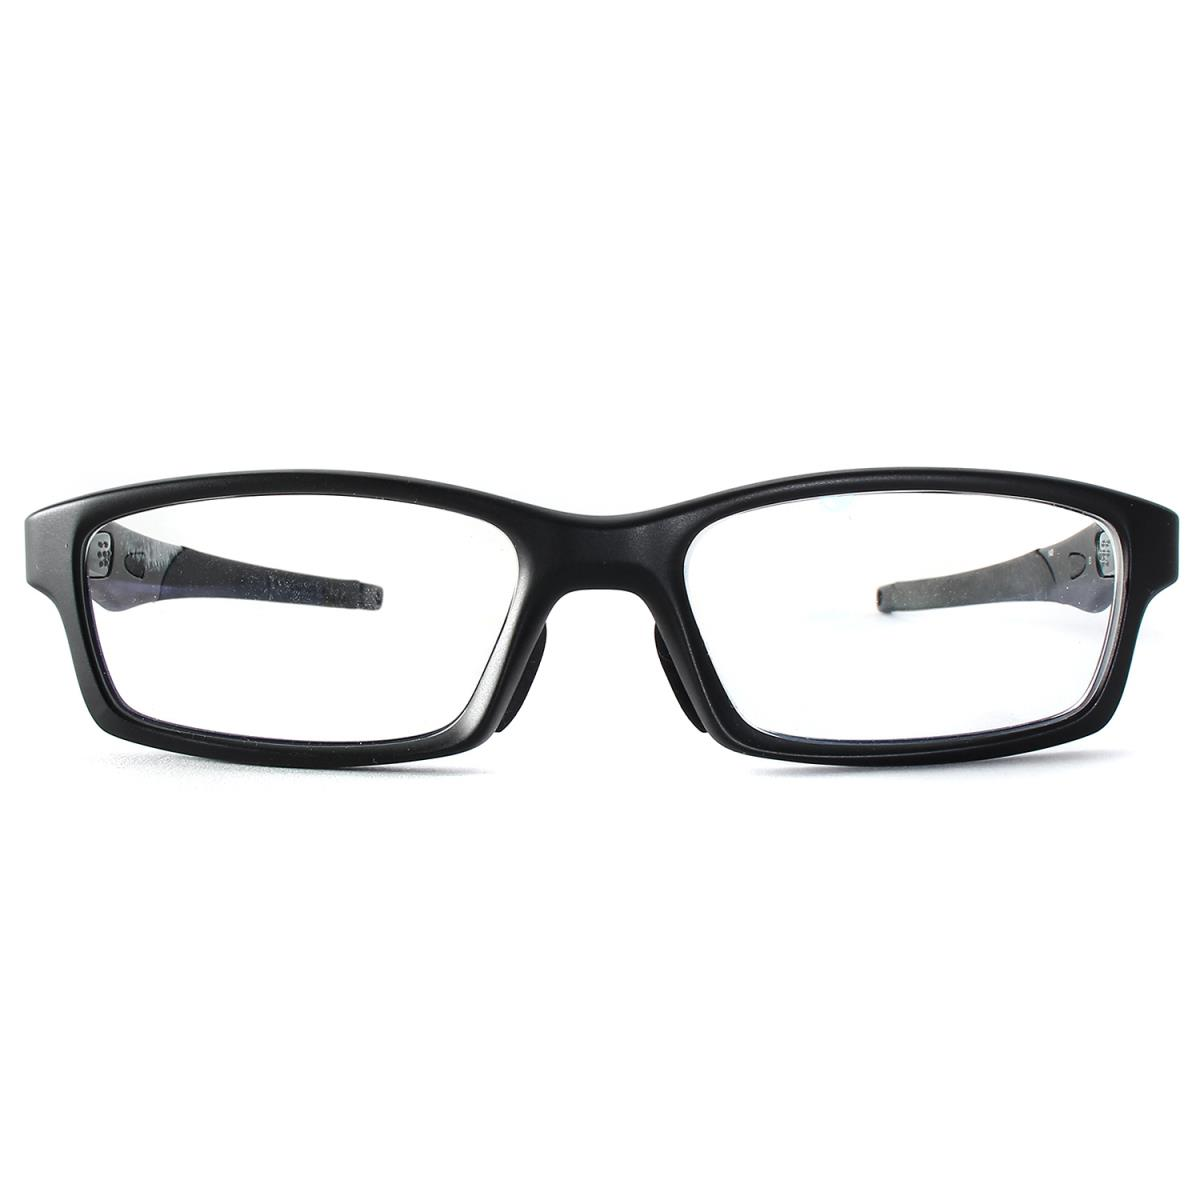 kuumia uusia tuotteita Tarkista paras myynti OAKLEY (Oakley) crosslink sunglasses (CROSSLINK OX8029-0156) satin black  frame X clear lens 56 □ 17-140